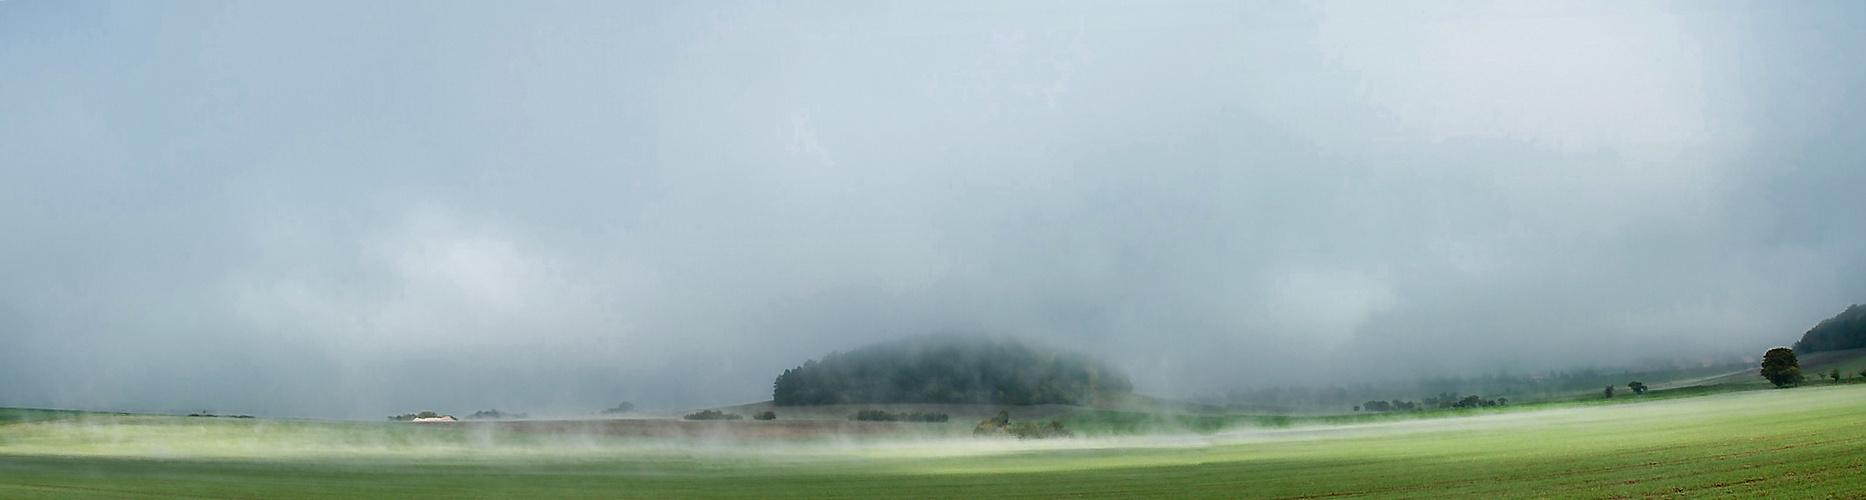 Der Nebel löst sich auf